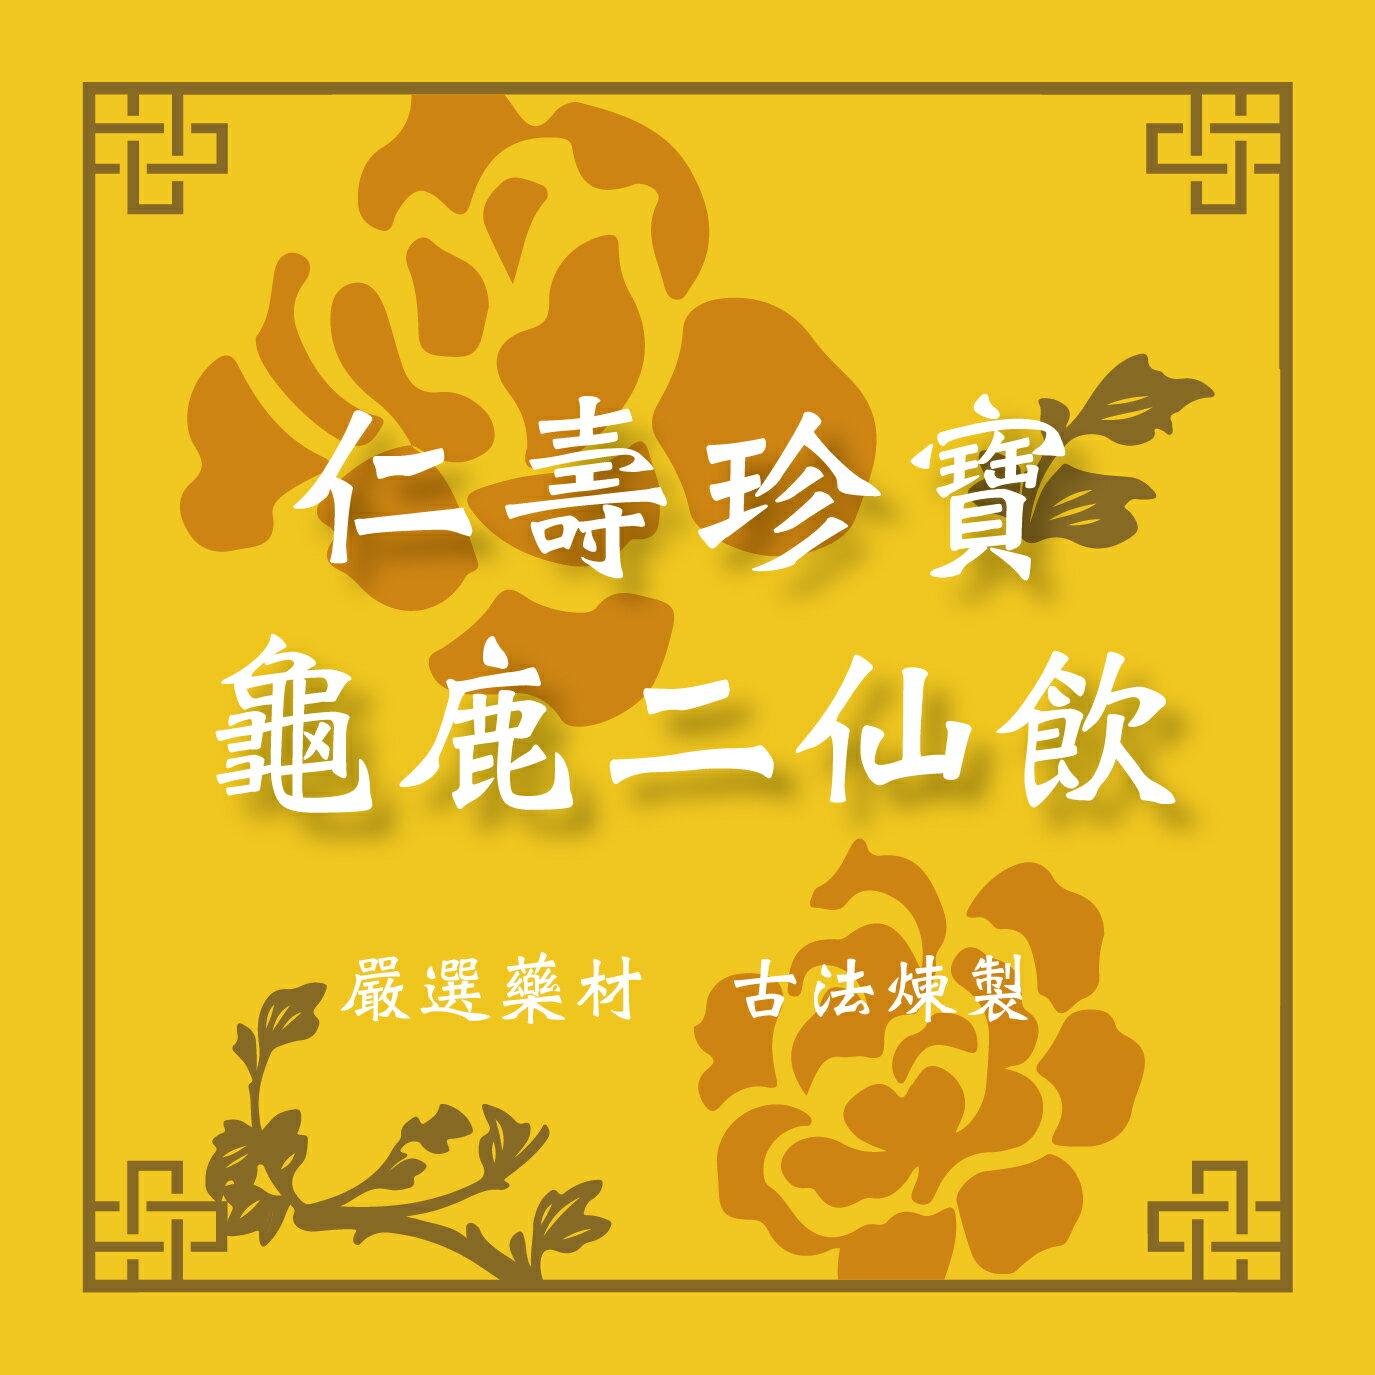 仁壽珍寶•龜鹿二仙飲